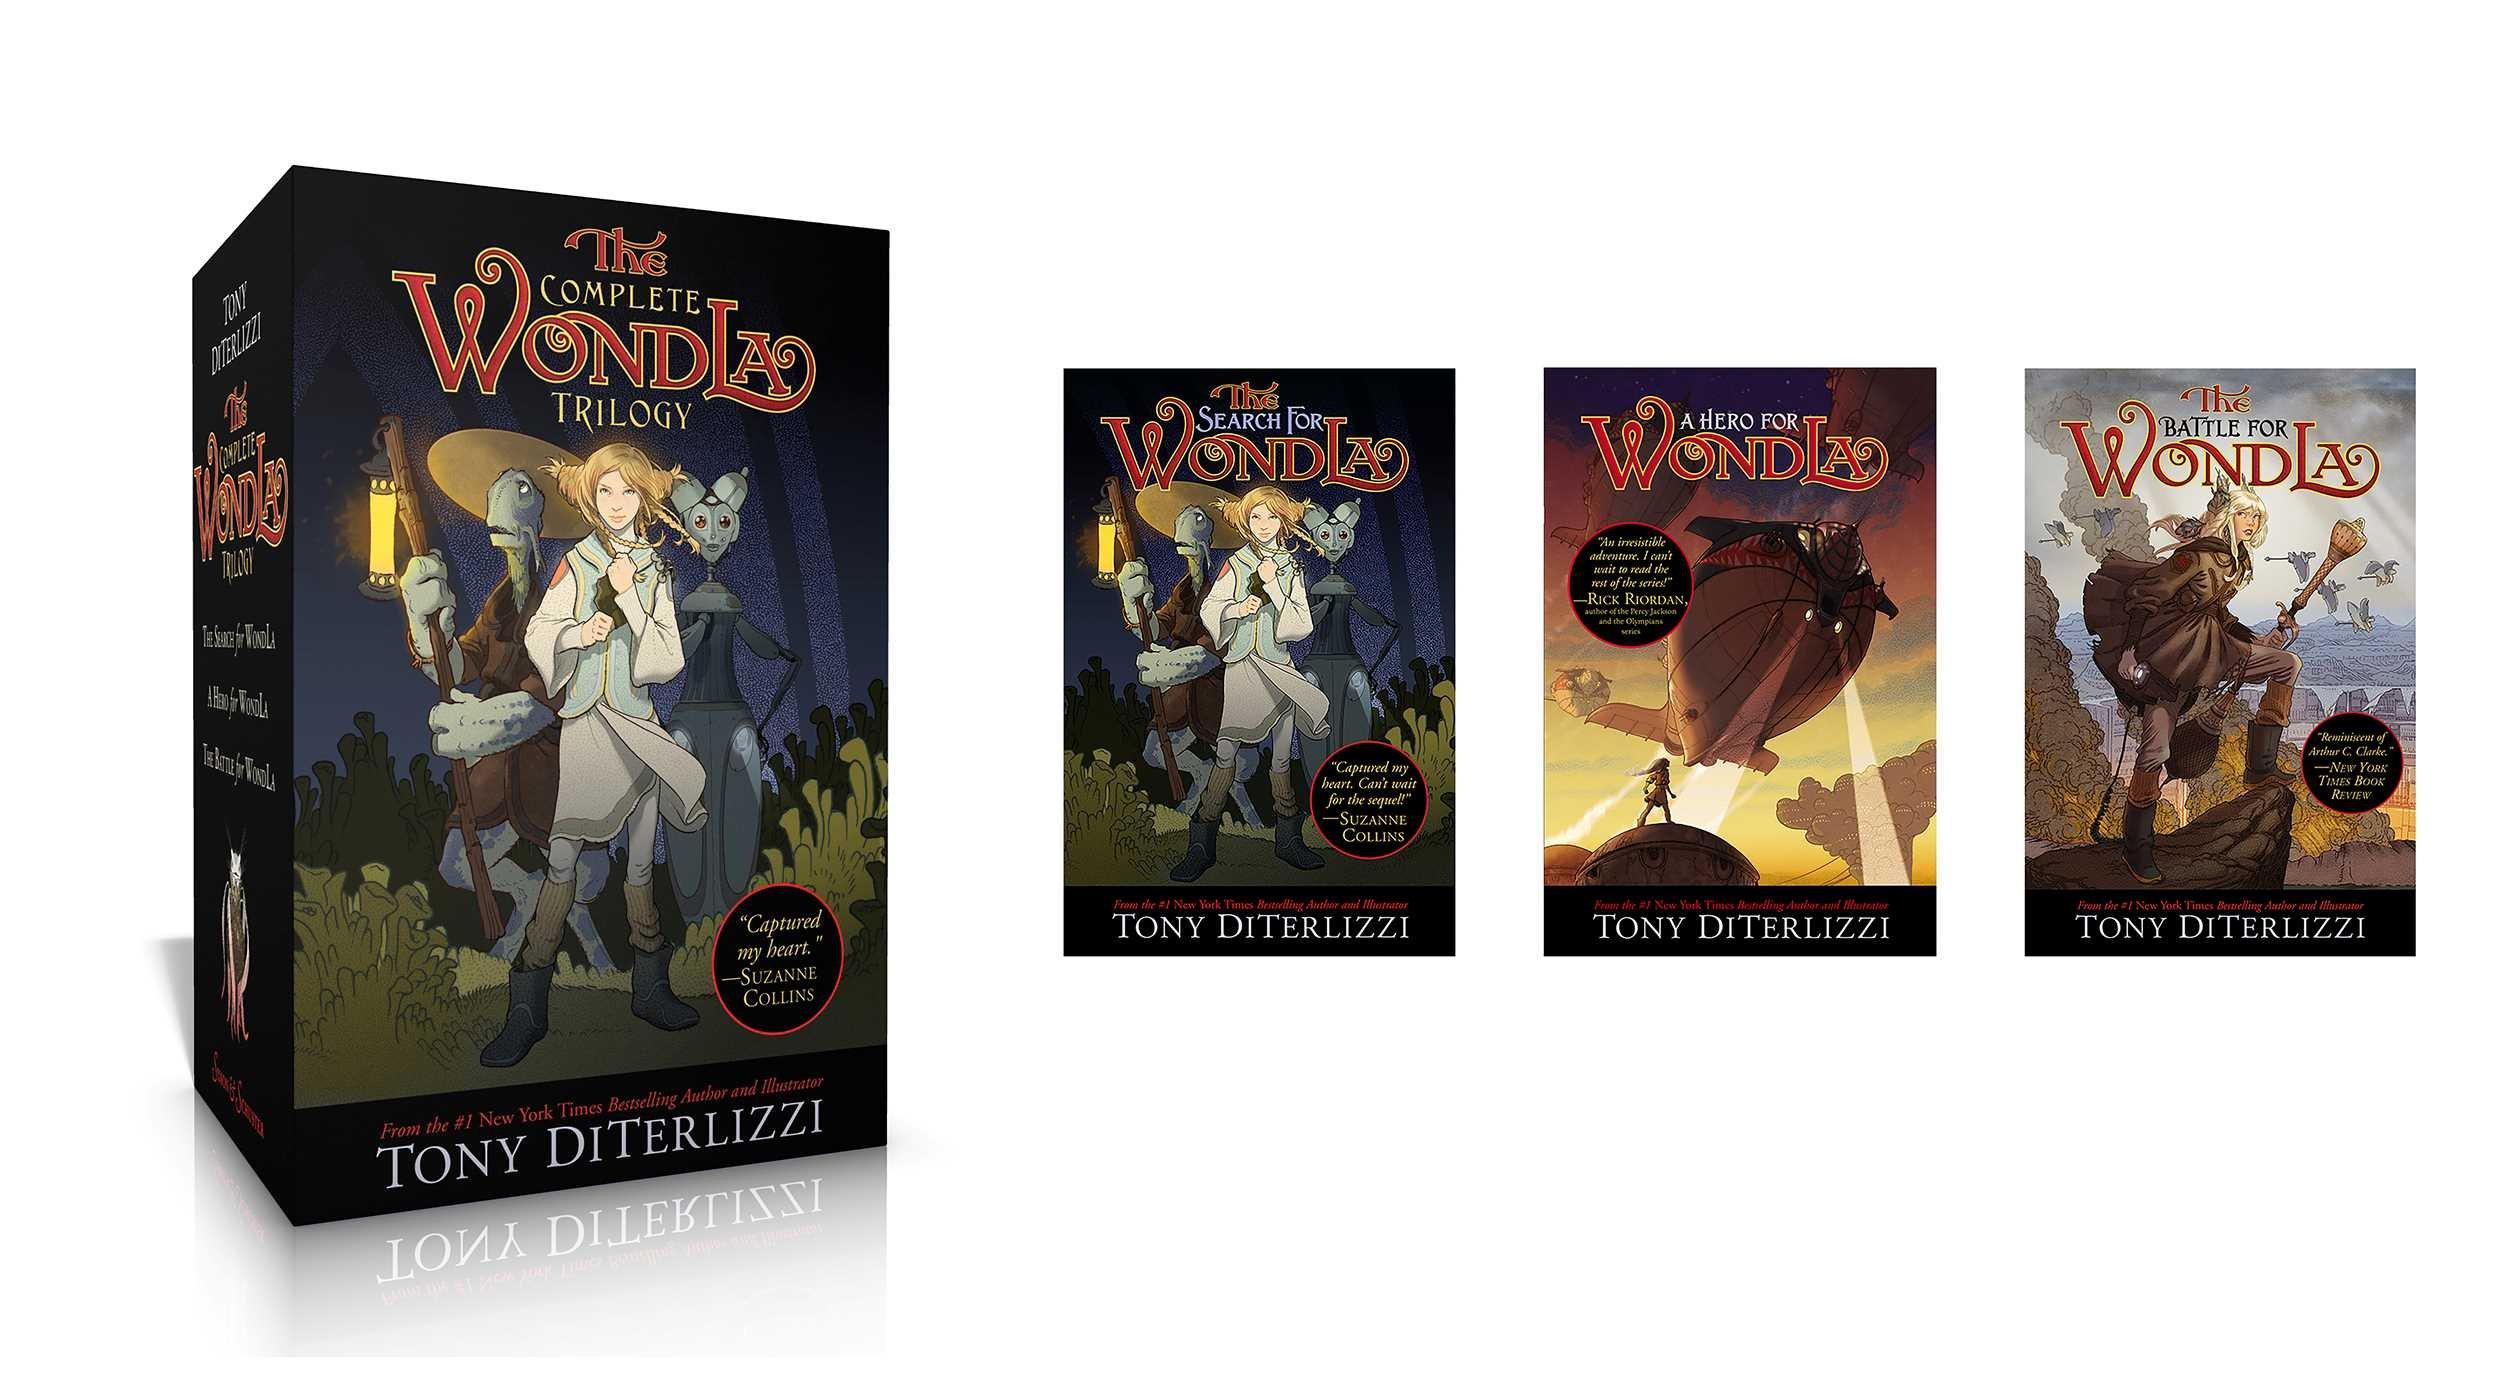 Theplete Wondla Trilogy: The Search For Wondla; A Hero For Wondla; The  Battle For Wondla: Tony Diterlizzi: 9781481499774: Amazon: Books